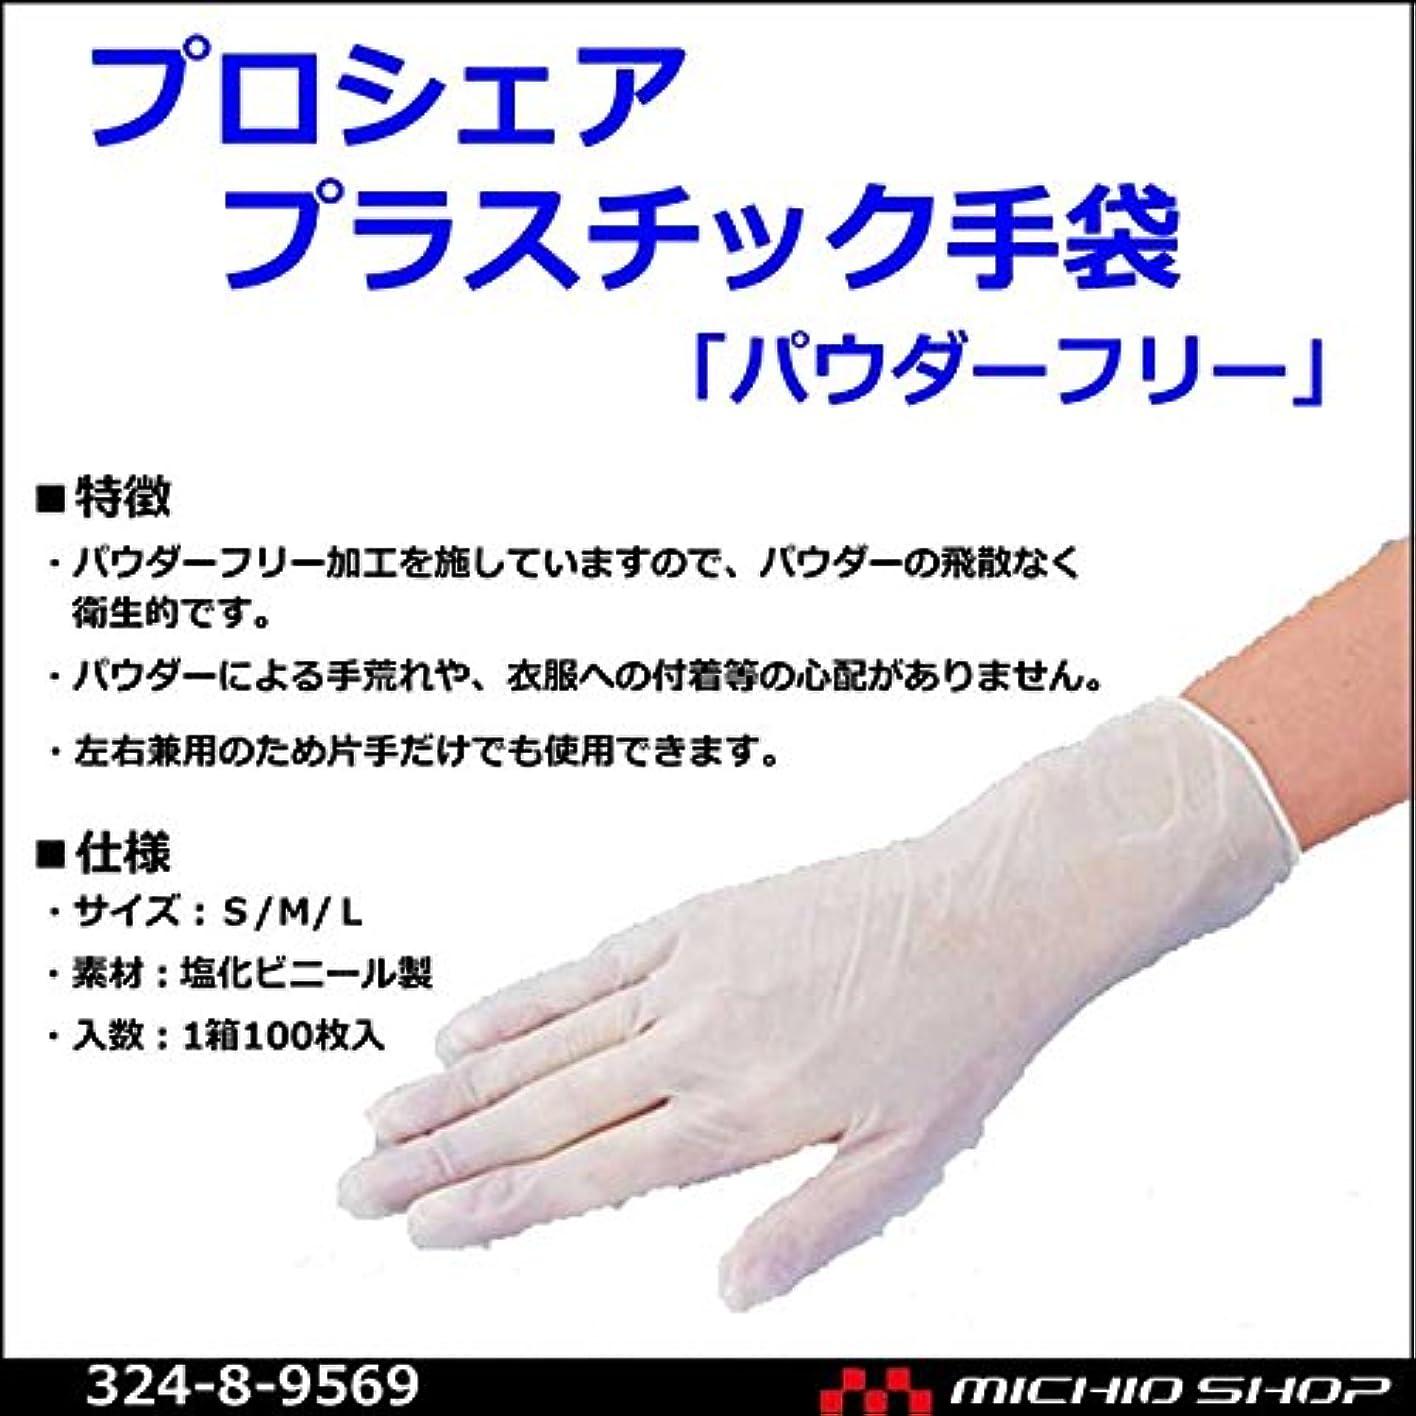 サンダー計画的共産主義アズワン プロシェアプラスチック手袋 100枚入 8-9569 04 SS